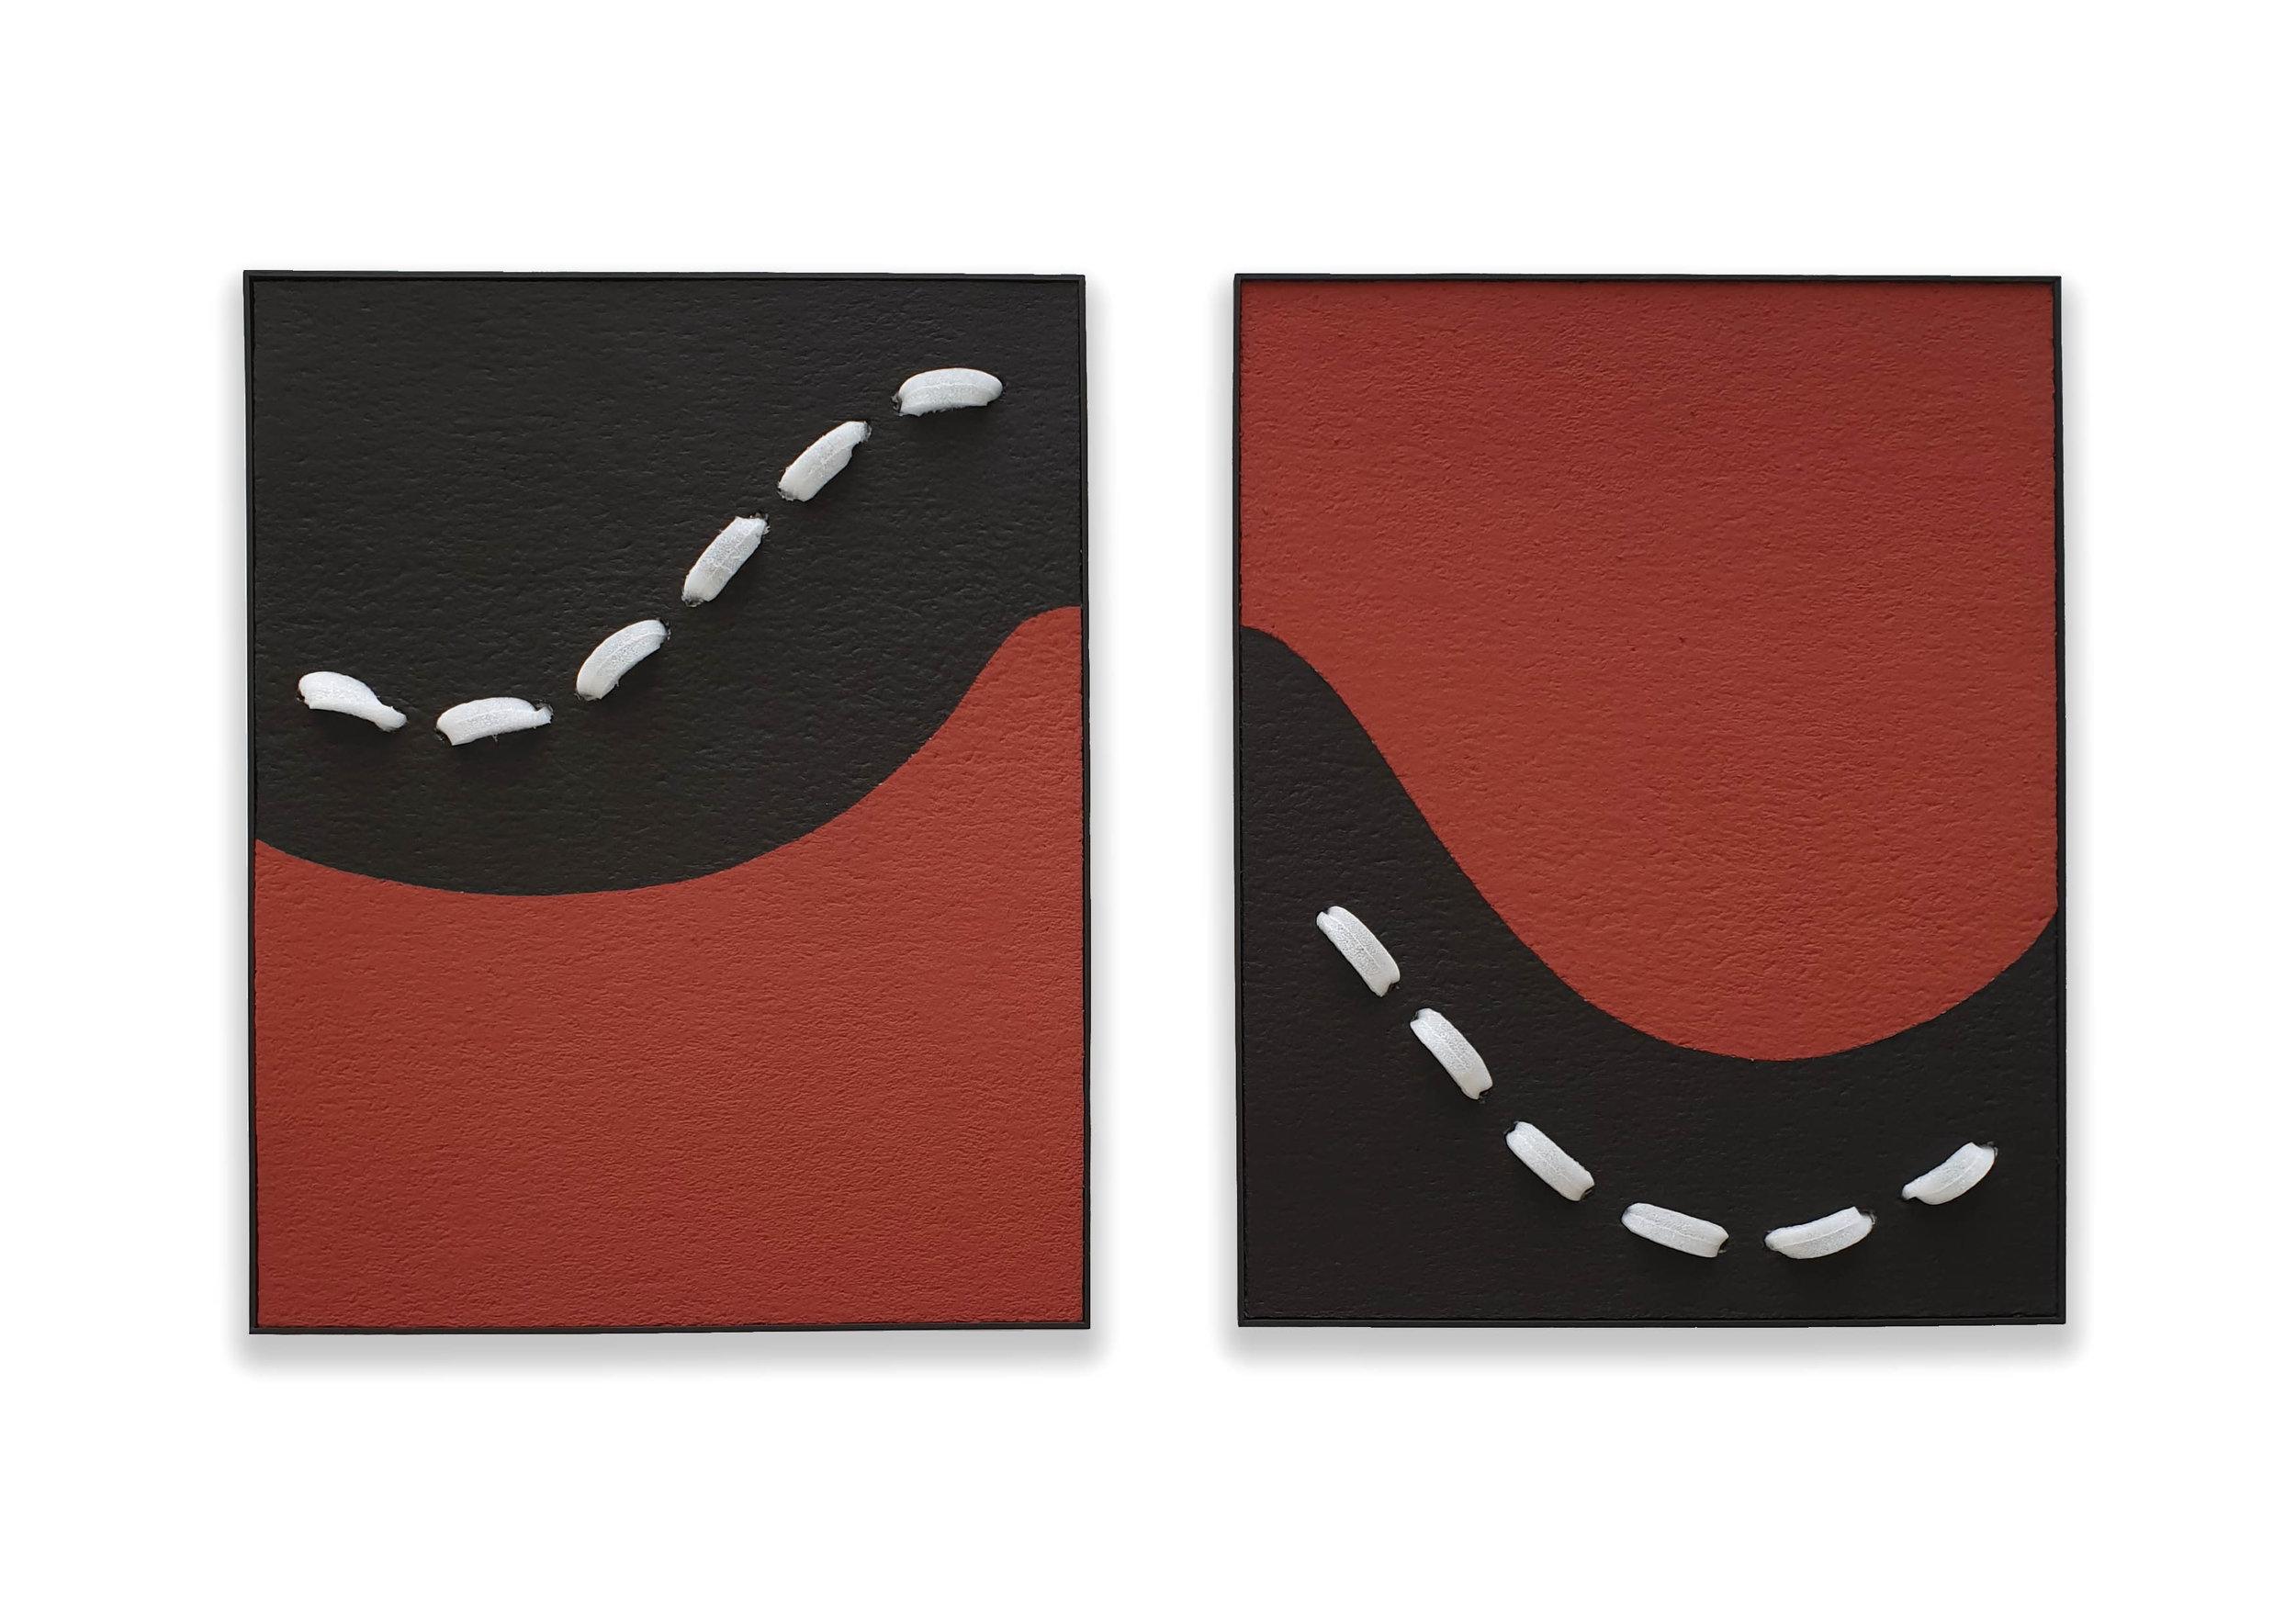 Impermanent Flow  - 2019  Pigmento acrilico su polistirolo montato su tavola   95,3 x 75,3 x 7,6 cm (ciascuno)